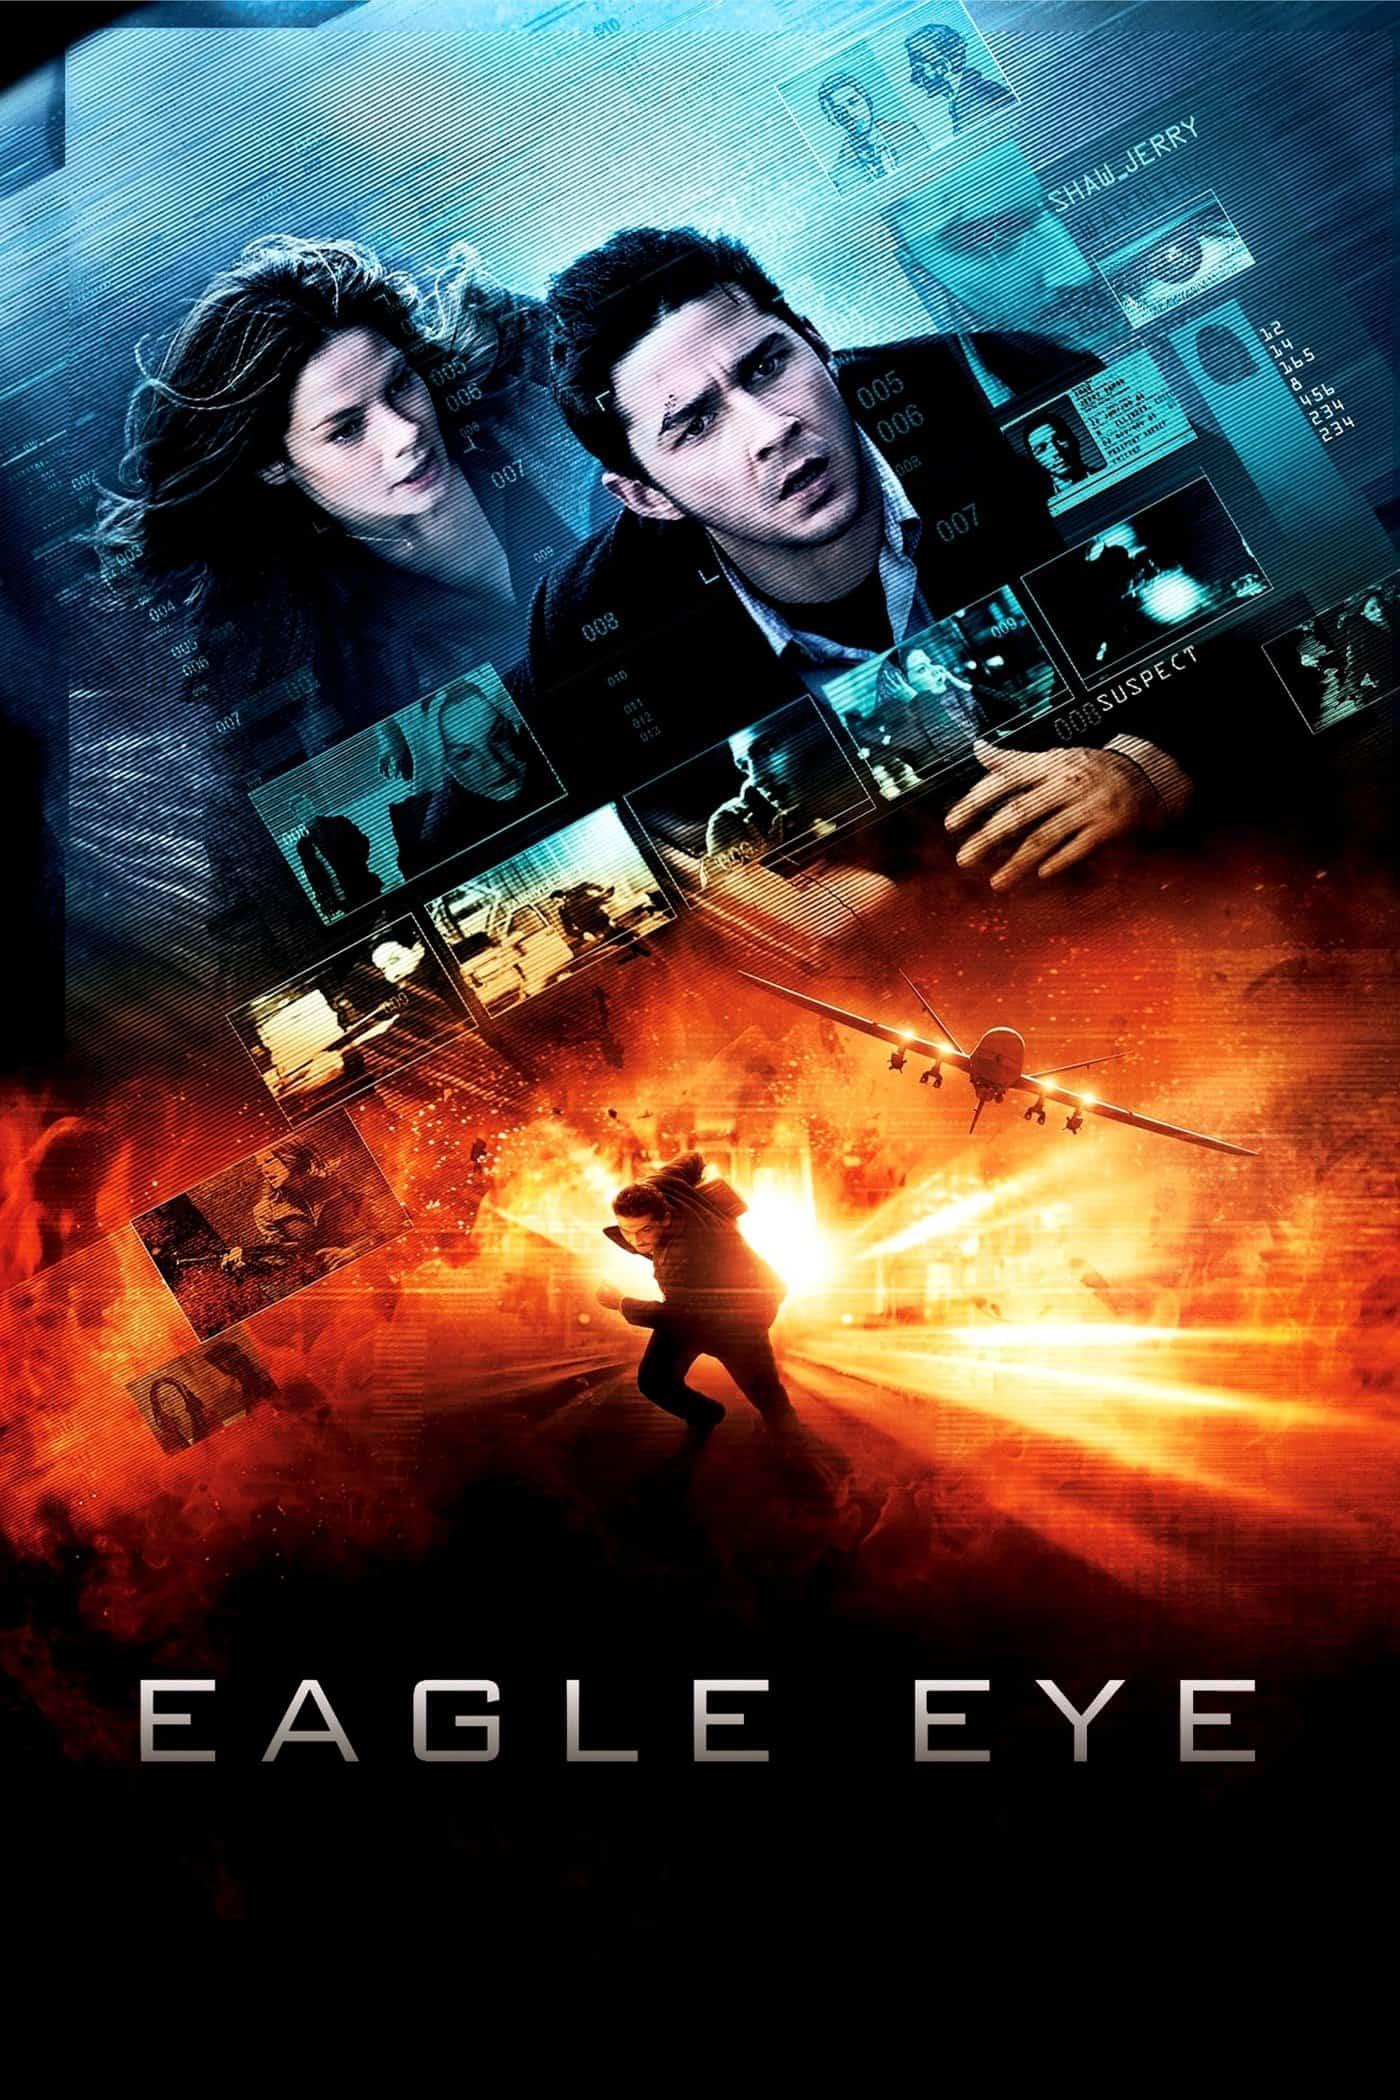 Eagle Eye, 2008